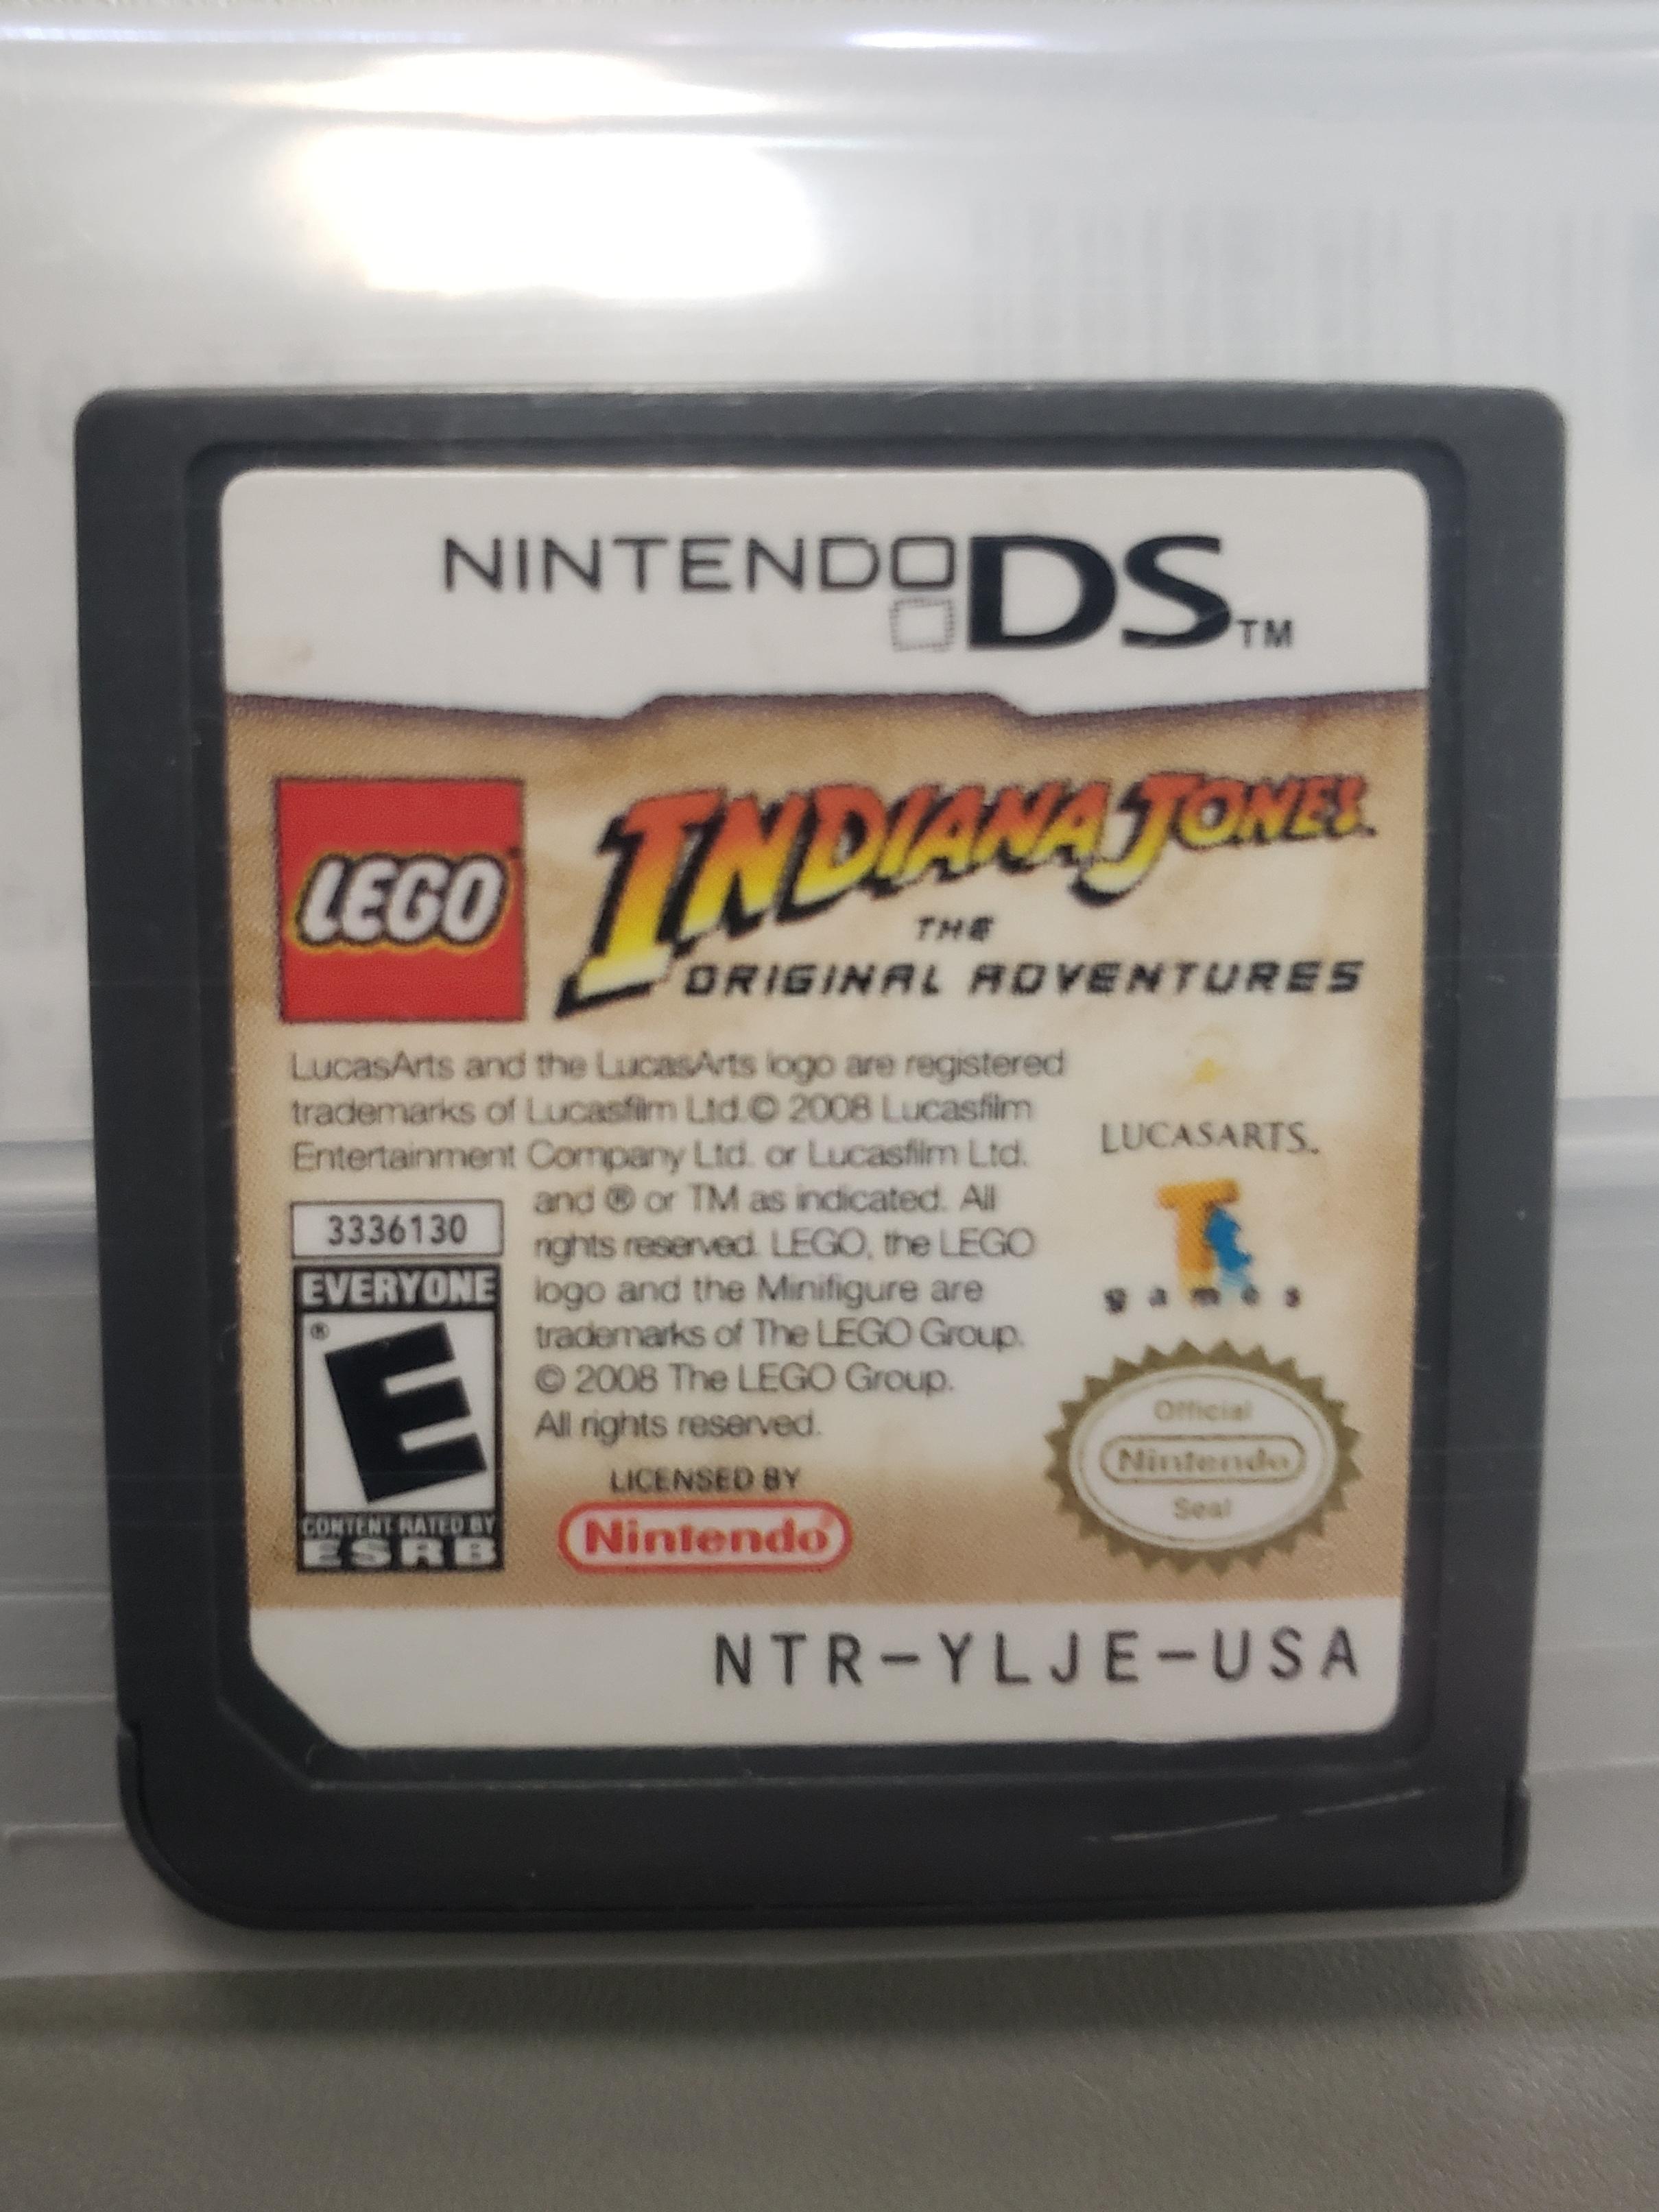 INDIANA JONES THE ORIGINAL ADVENTURES - NINTENDO DS GAME